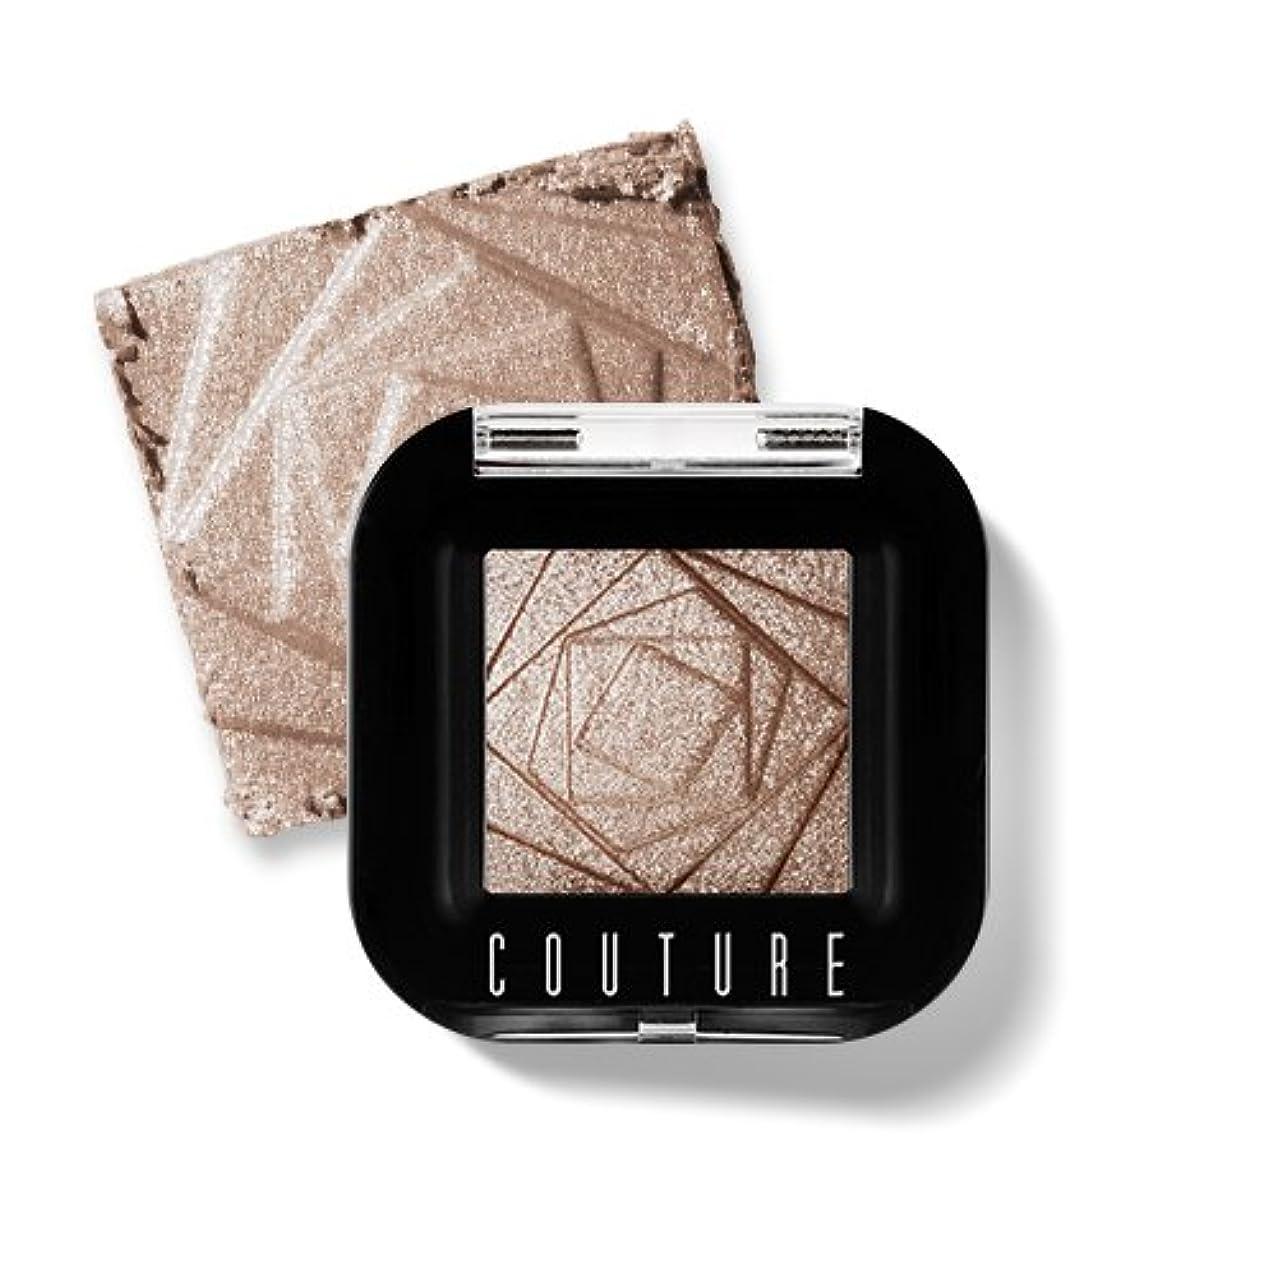 村フィット架空のAPIEU Couture Shadow (# 8) /アピュ/オピュ クチュールシャドウ [並行輸入品]